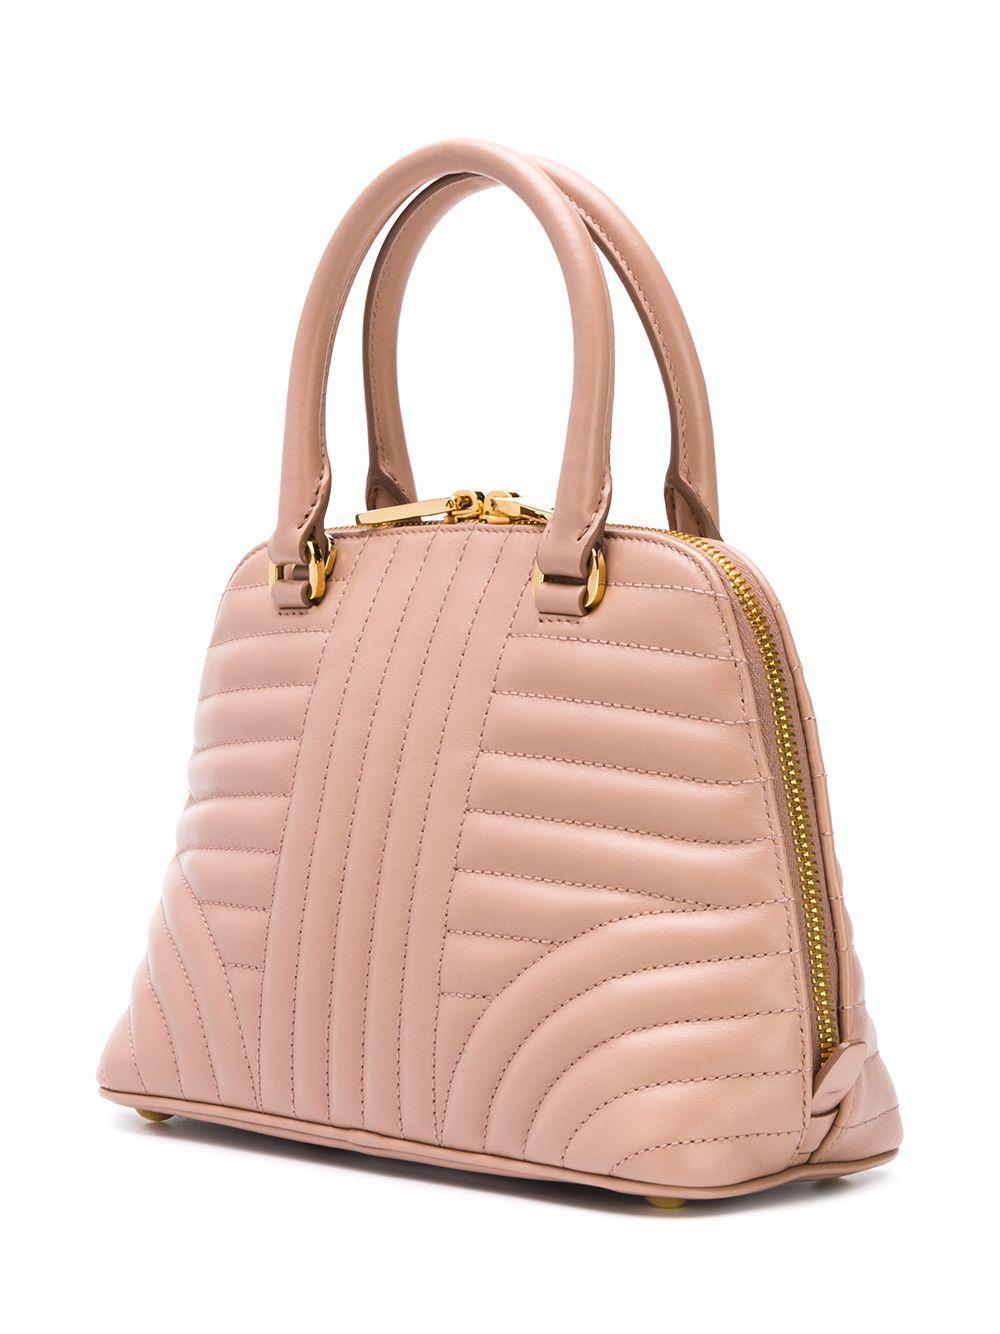 67862ce73f95 Prada Mini Diagramme Tote Bag in Pink - Lyst